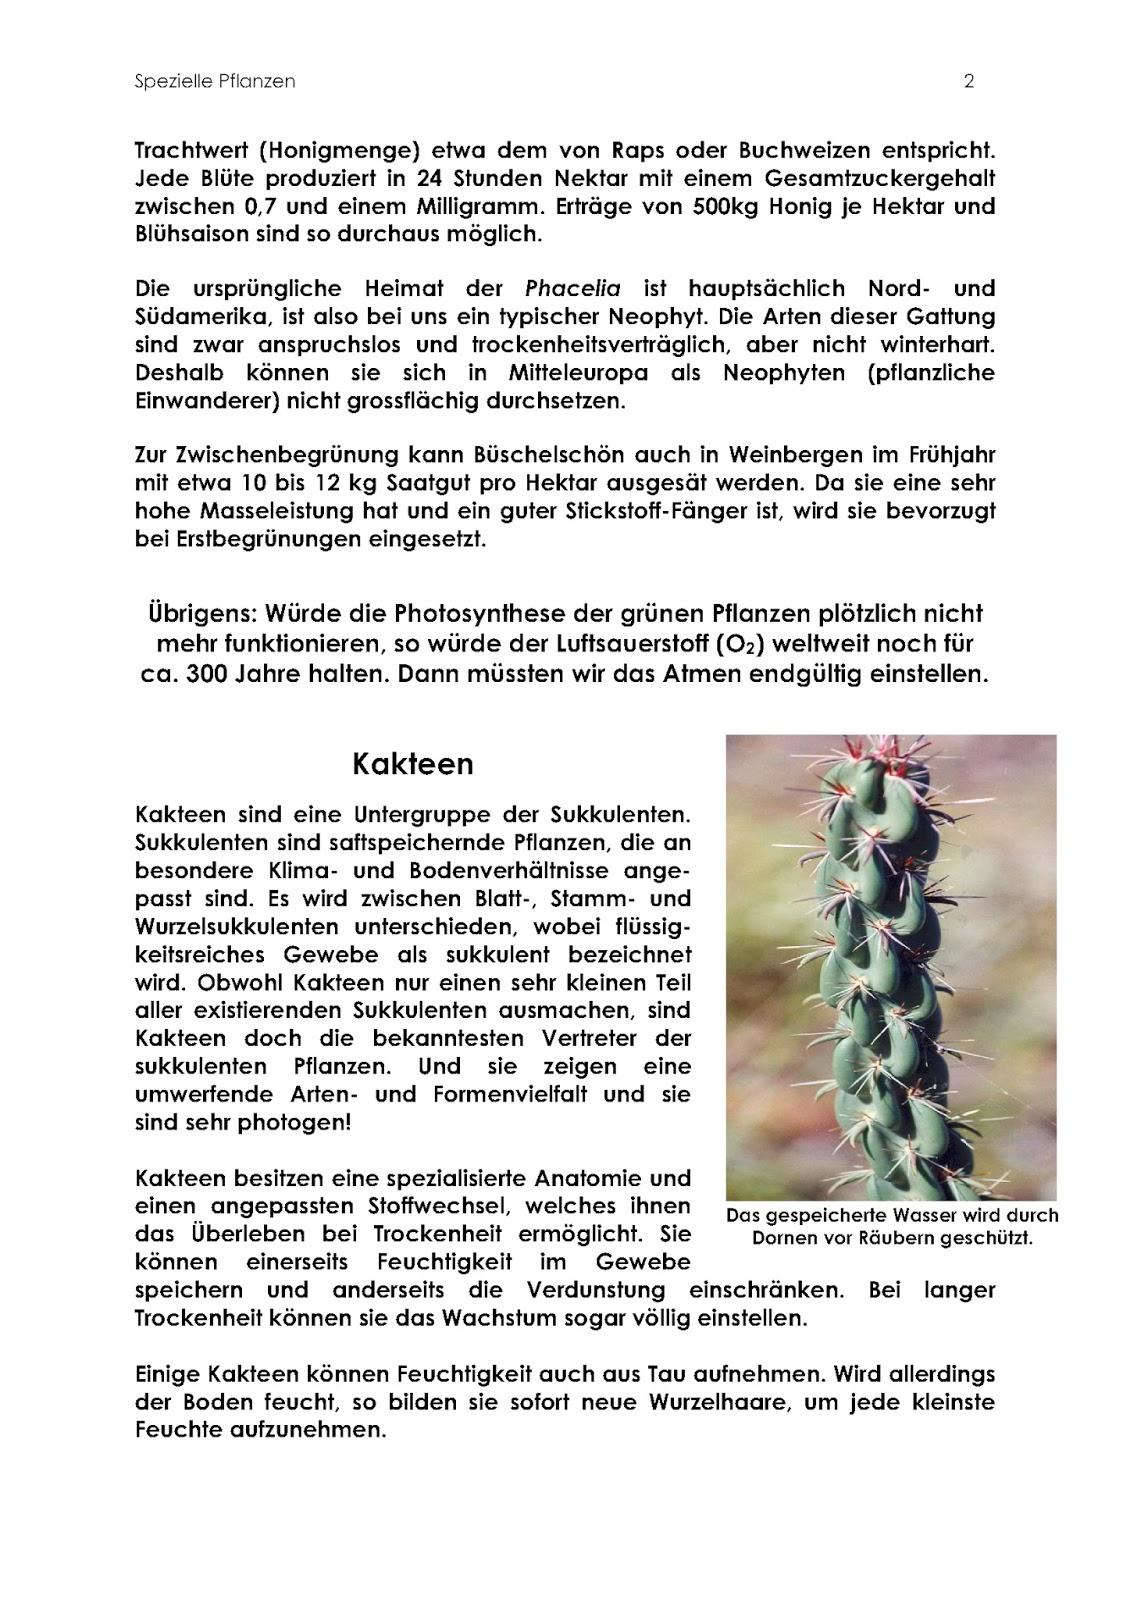 Simba-Broschüren: 138. Spezielle Pflanzen